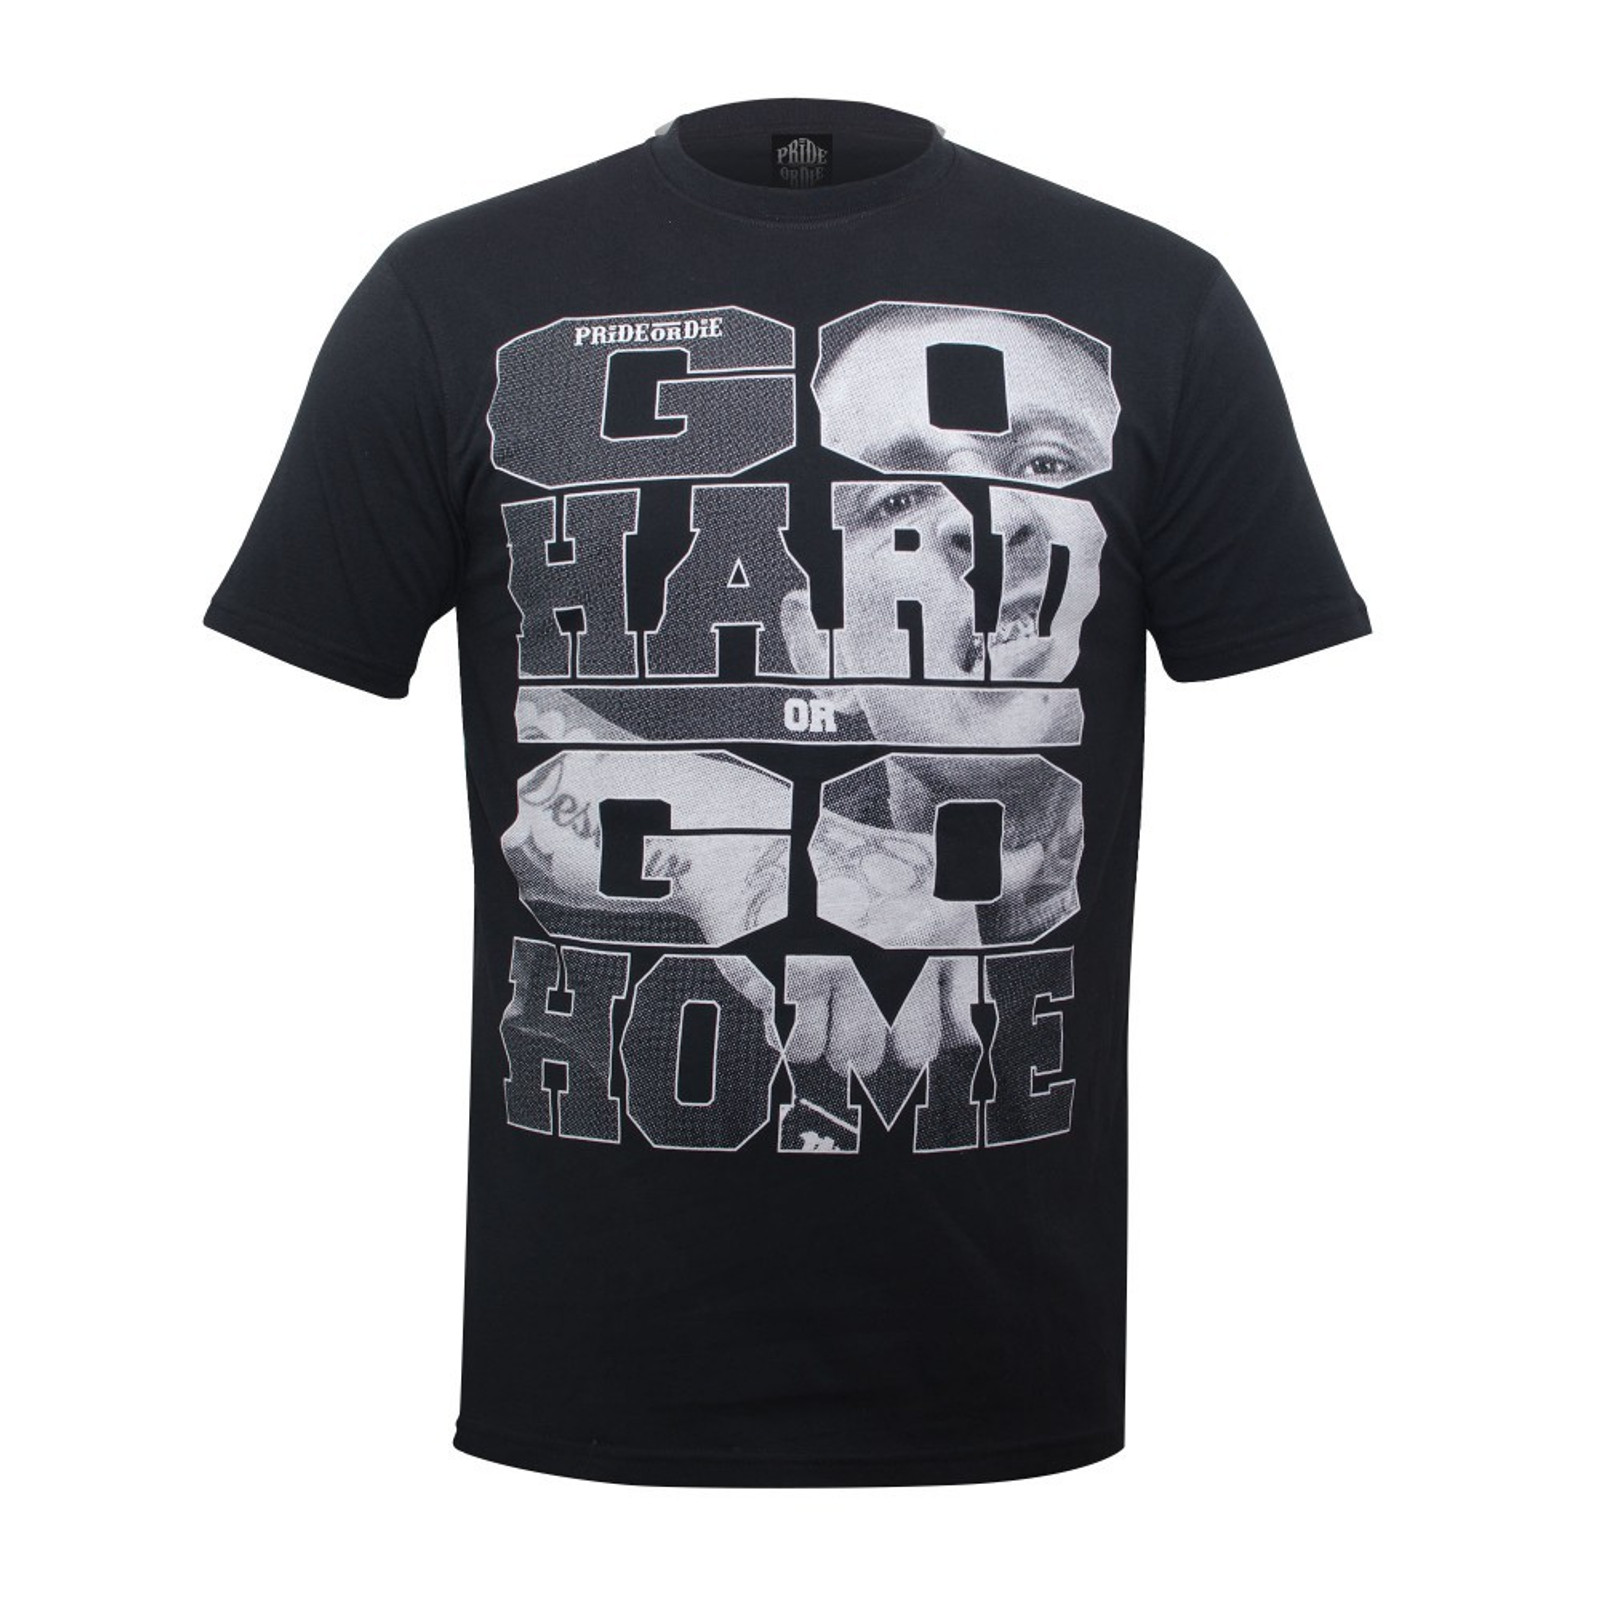 Pride Or Die Herren T-Shirt STATE OF MIND